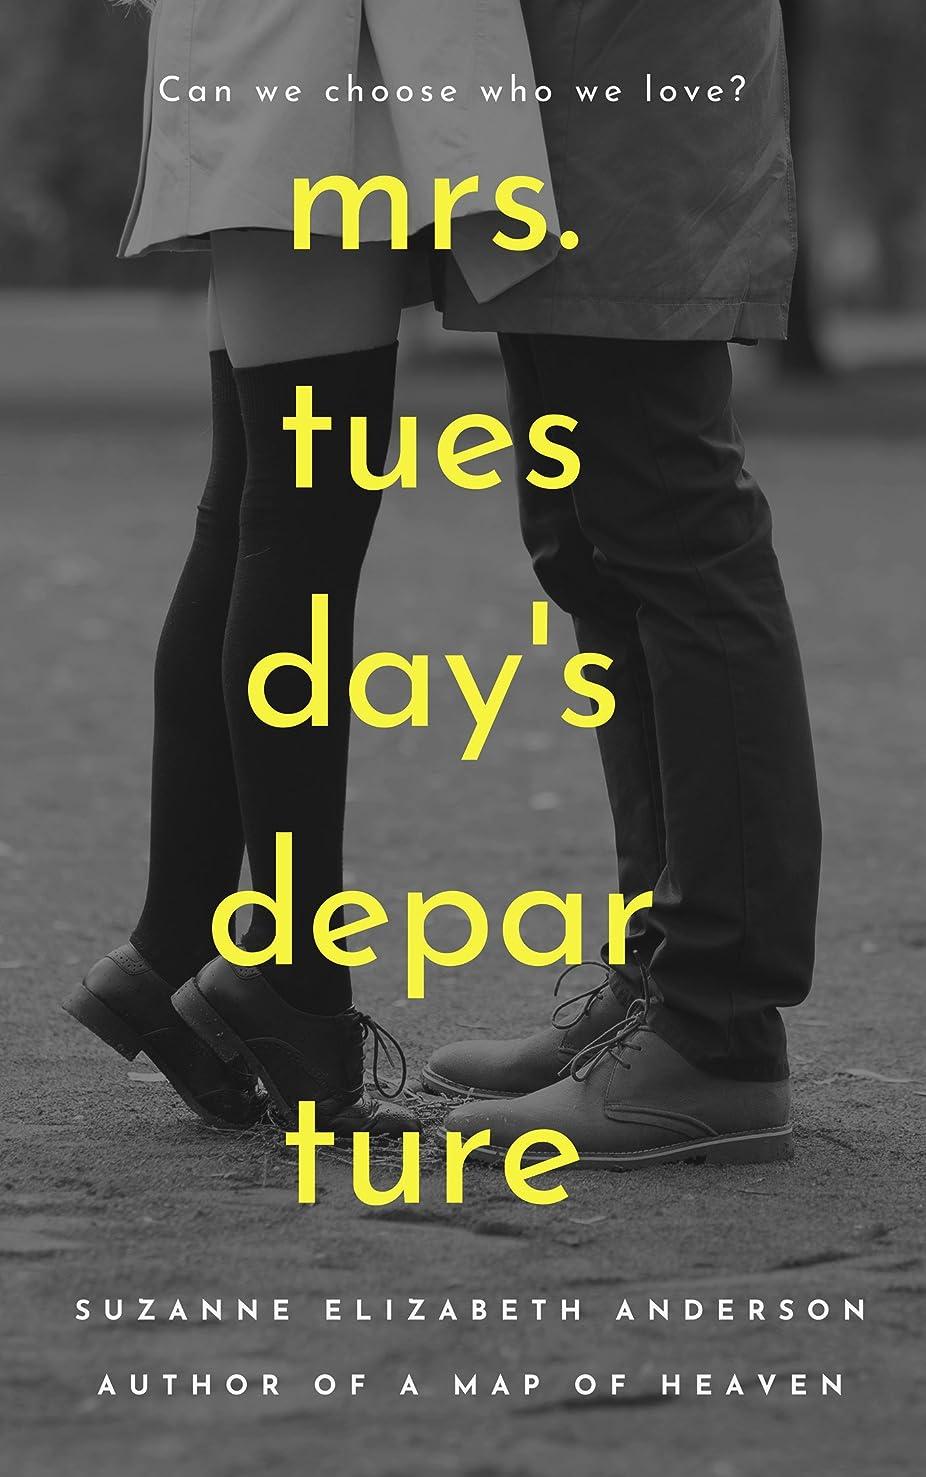 驚くばかり酸カイウスMrs. Tuesday's Departure: A World War Two Novel of Second Chances (English Edition)